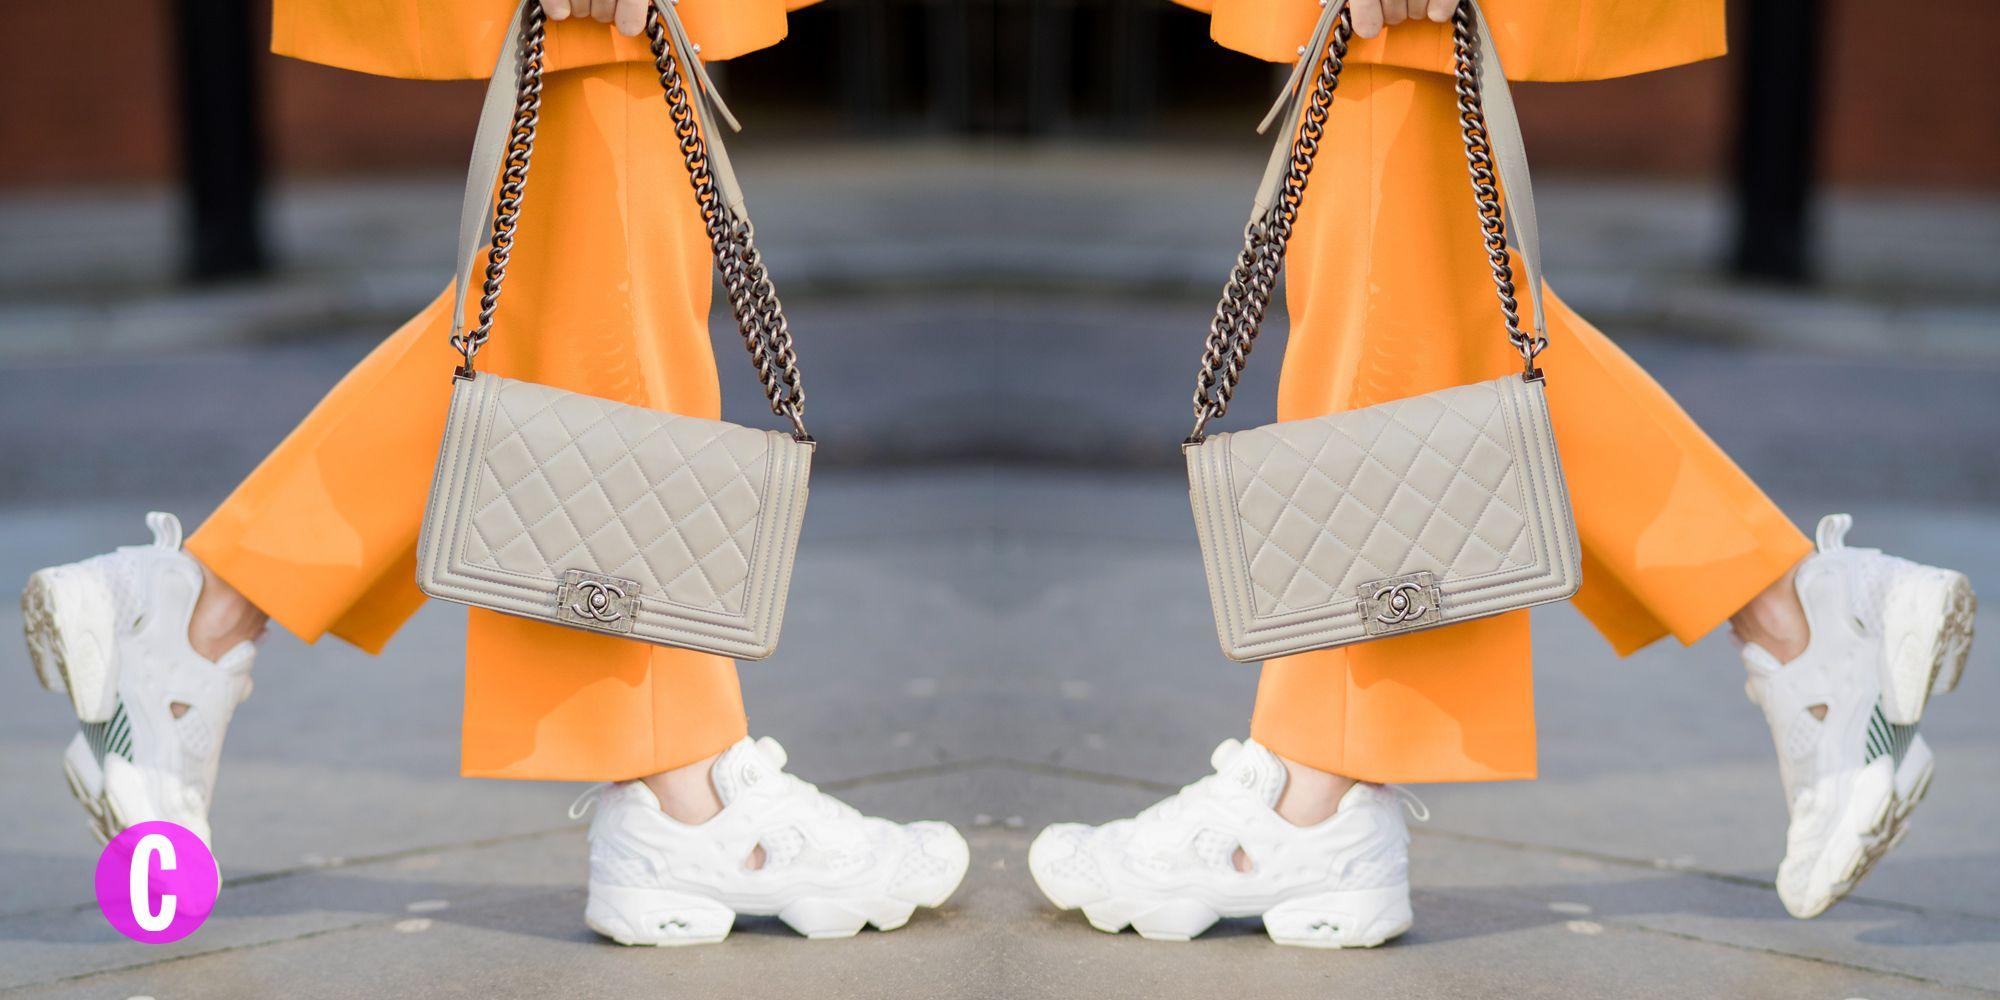 Le sneakers moda sono vistose, bianche e ricche di particolari: abbina le sneakers alte a look eleganti, con abiti lunghi e vestiti eleganti per outfit glamour e alternativi al tempo stesso.